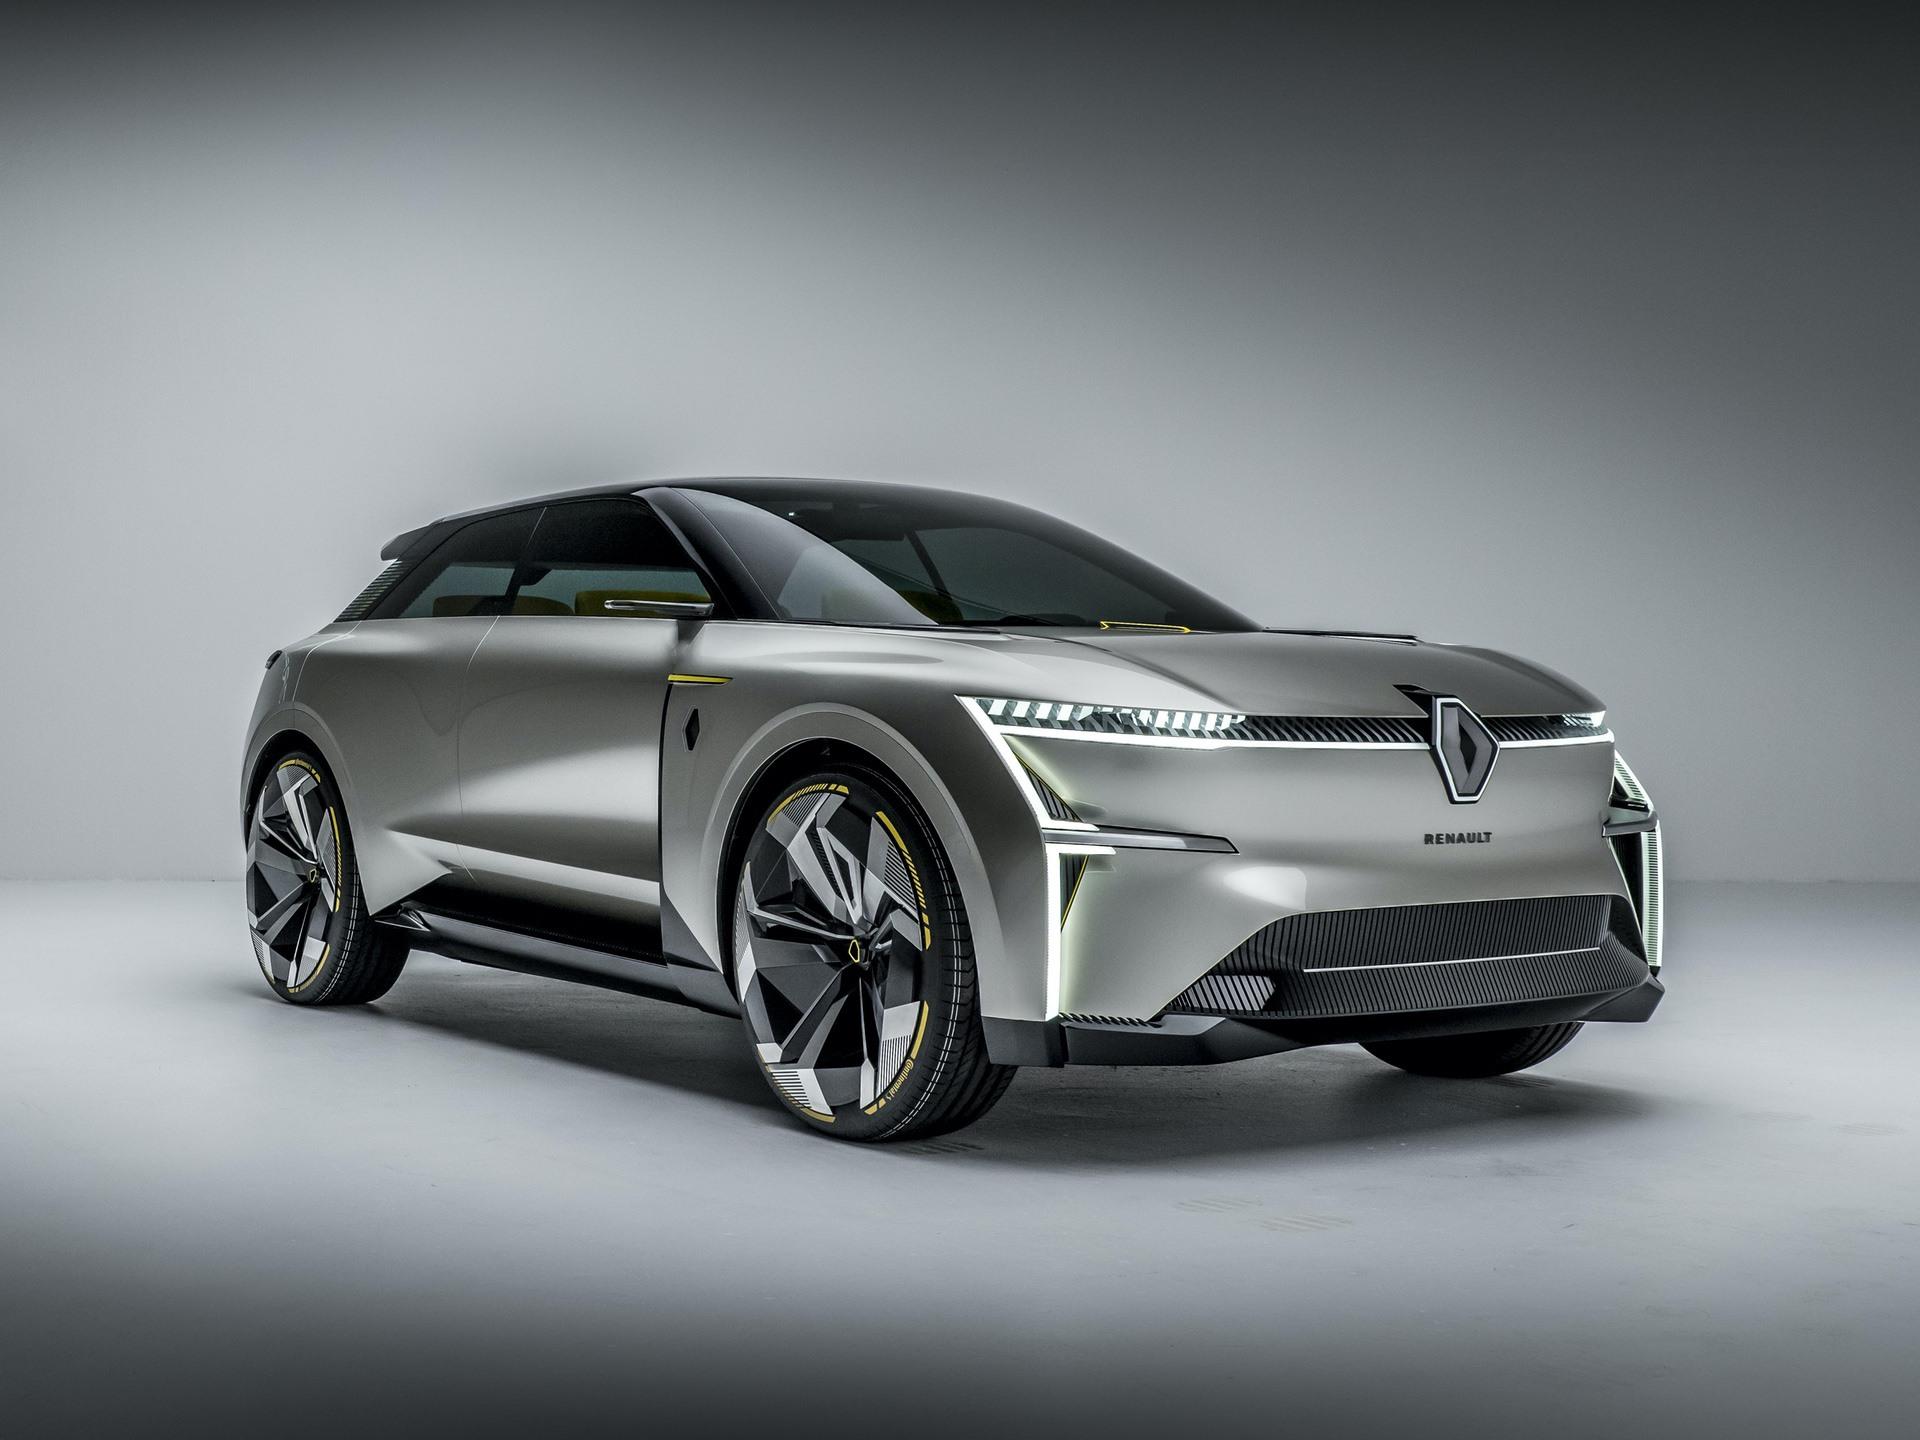 Renault_Morphoz_concept_0061